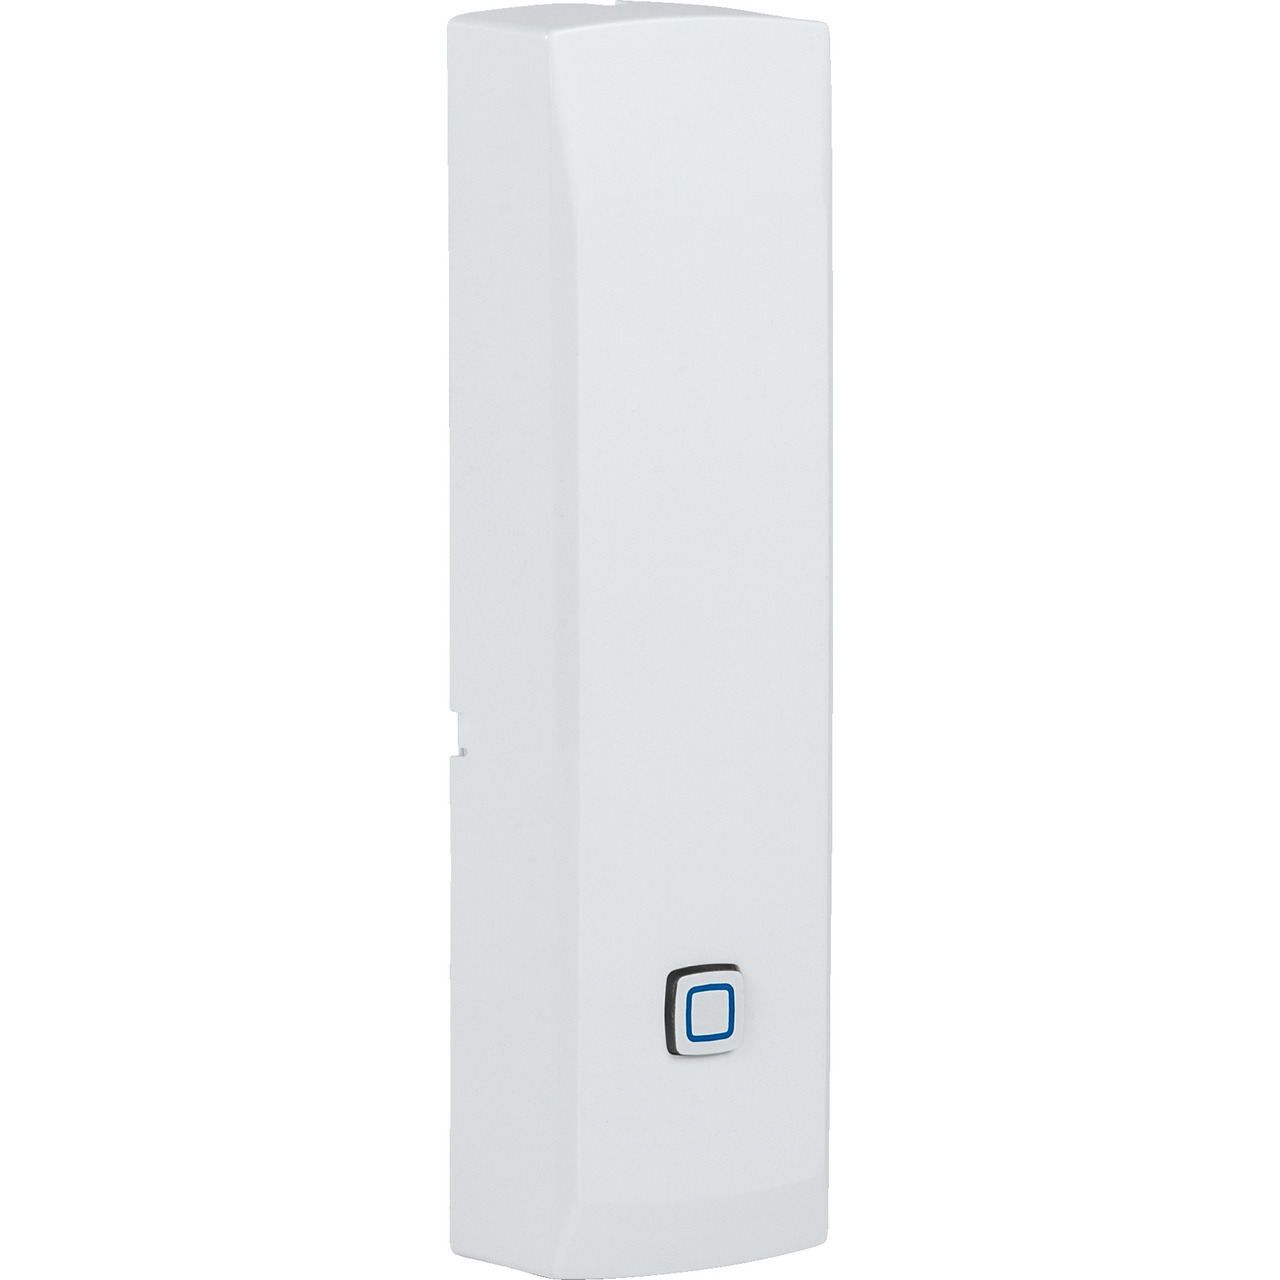 Homematic IP Smart Home Kontakt-Schnittstelle HmIP-SCI